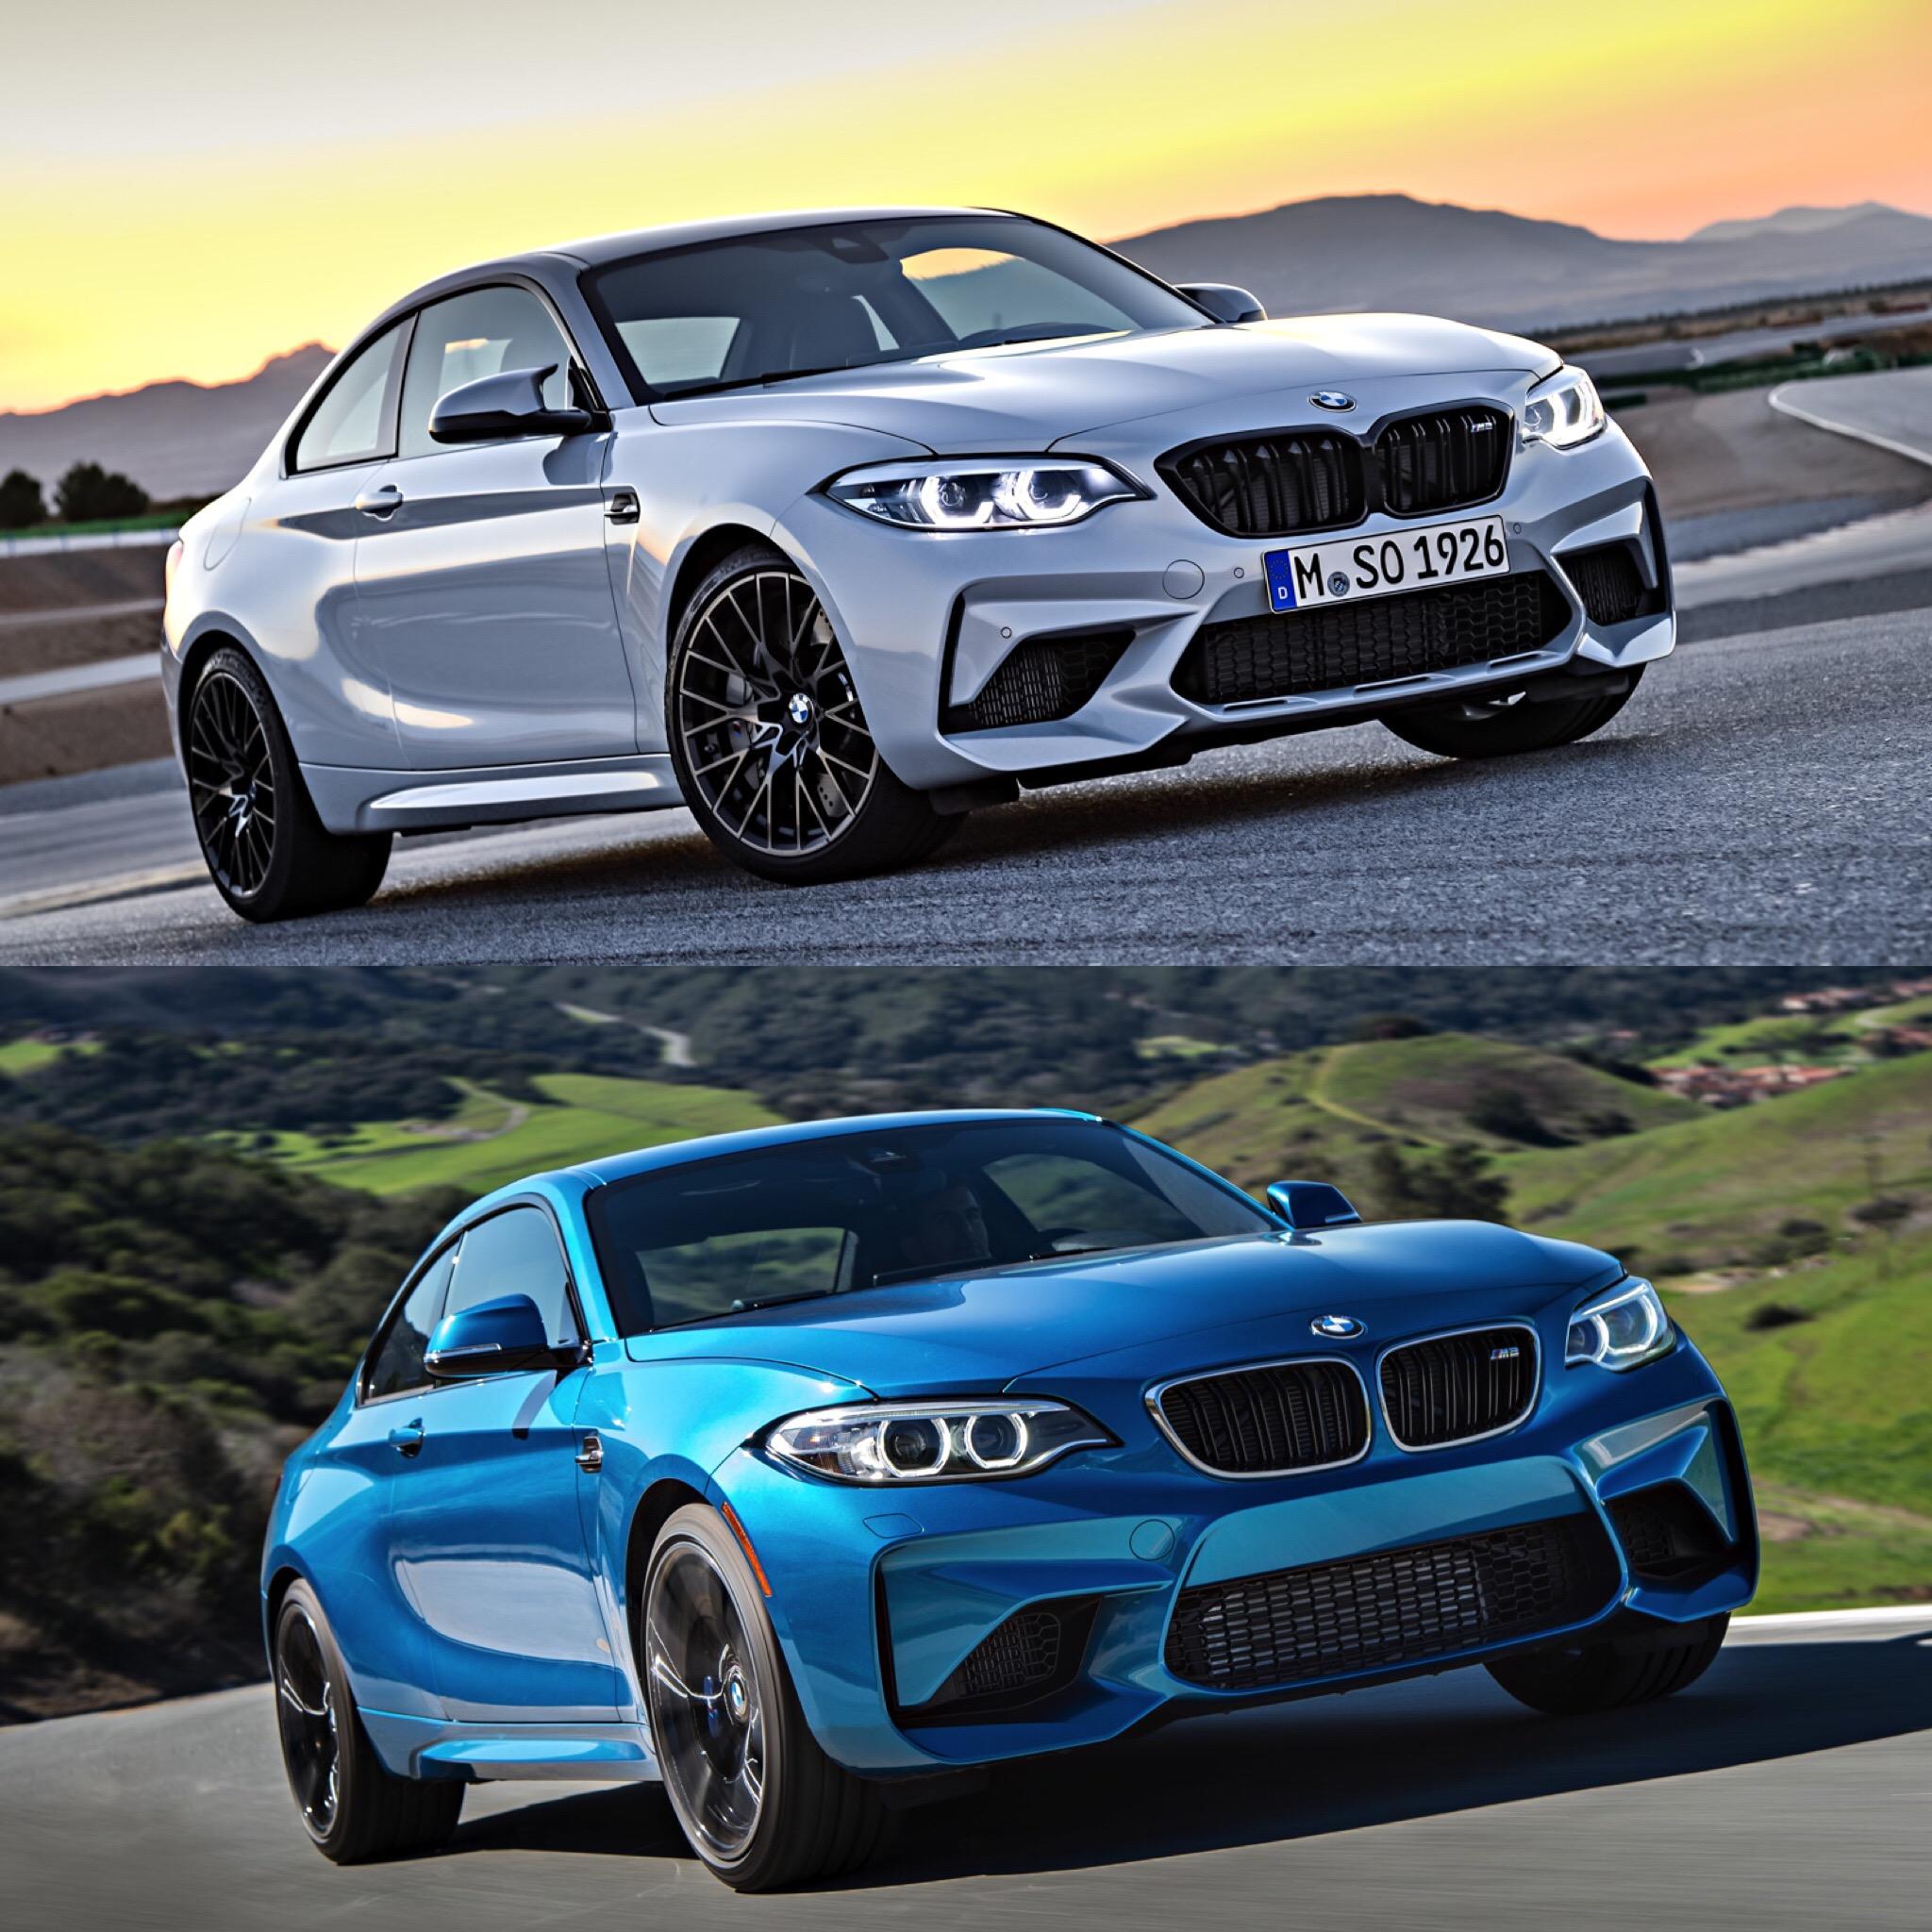 2020 Bmw M2 Vs: Photo Comparison: BMW M2 Competition Vs BMW M2